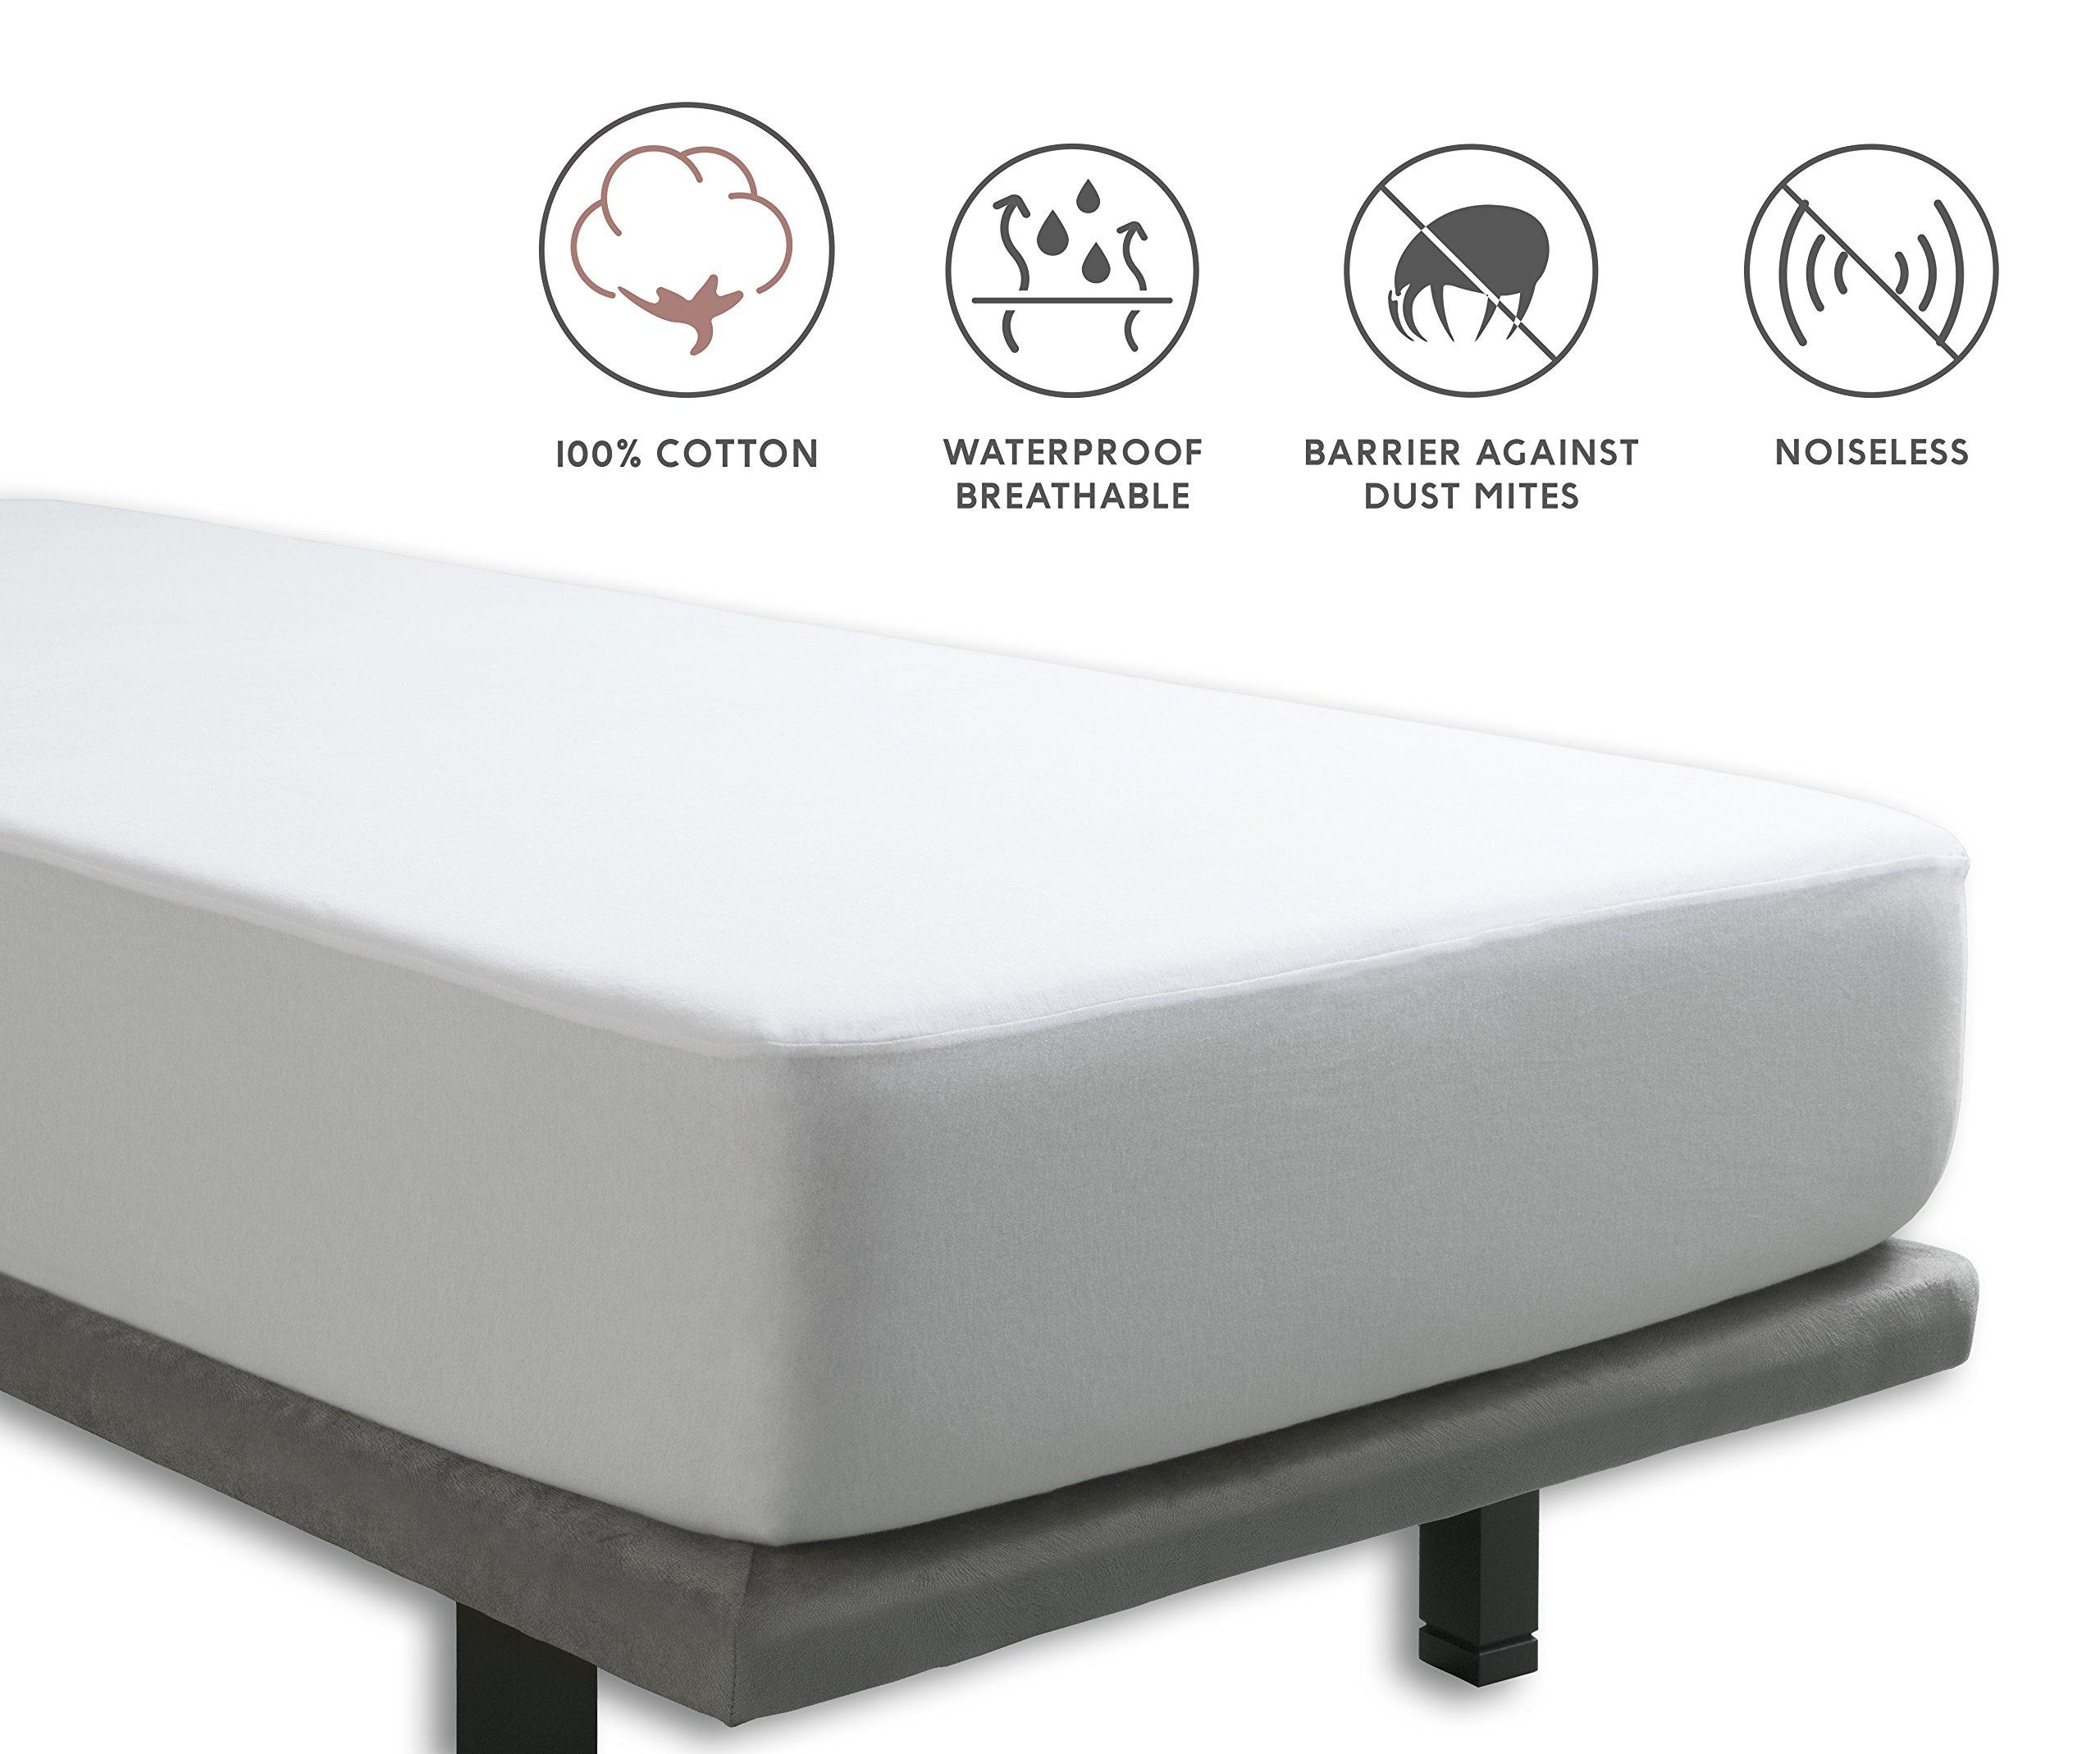 Tural – Protector de colchón y Sábana Bajera 2 en 1 Impermeable y Transpirable. Tejido